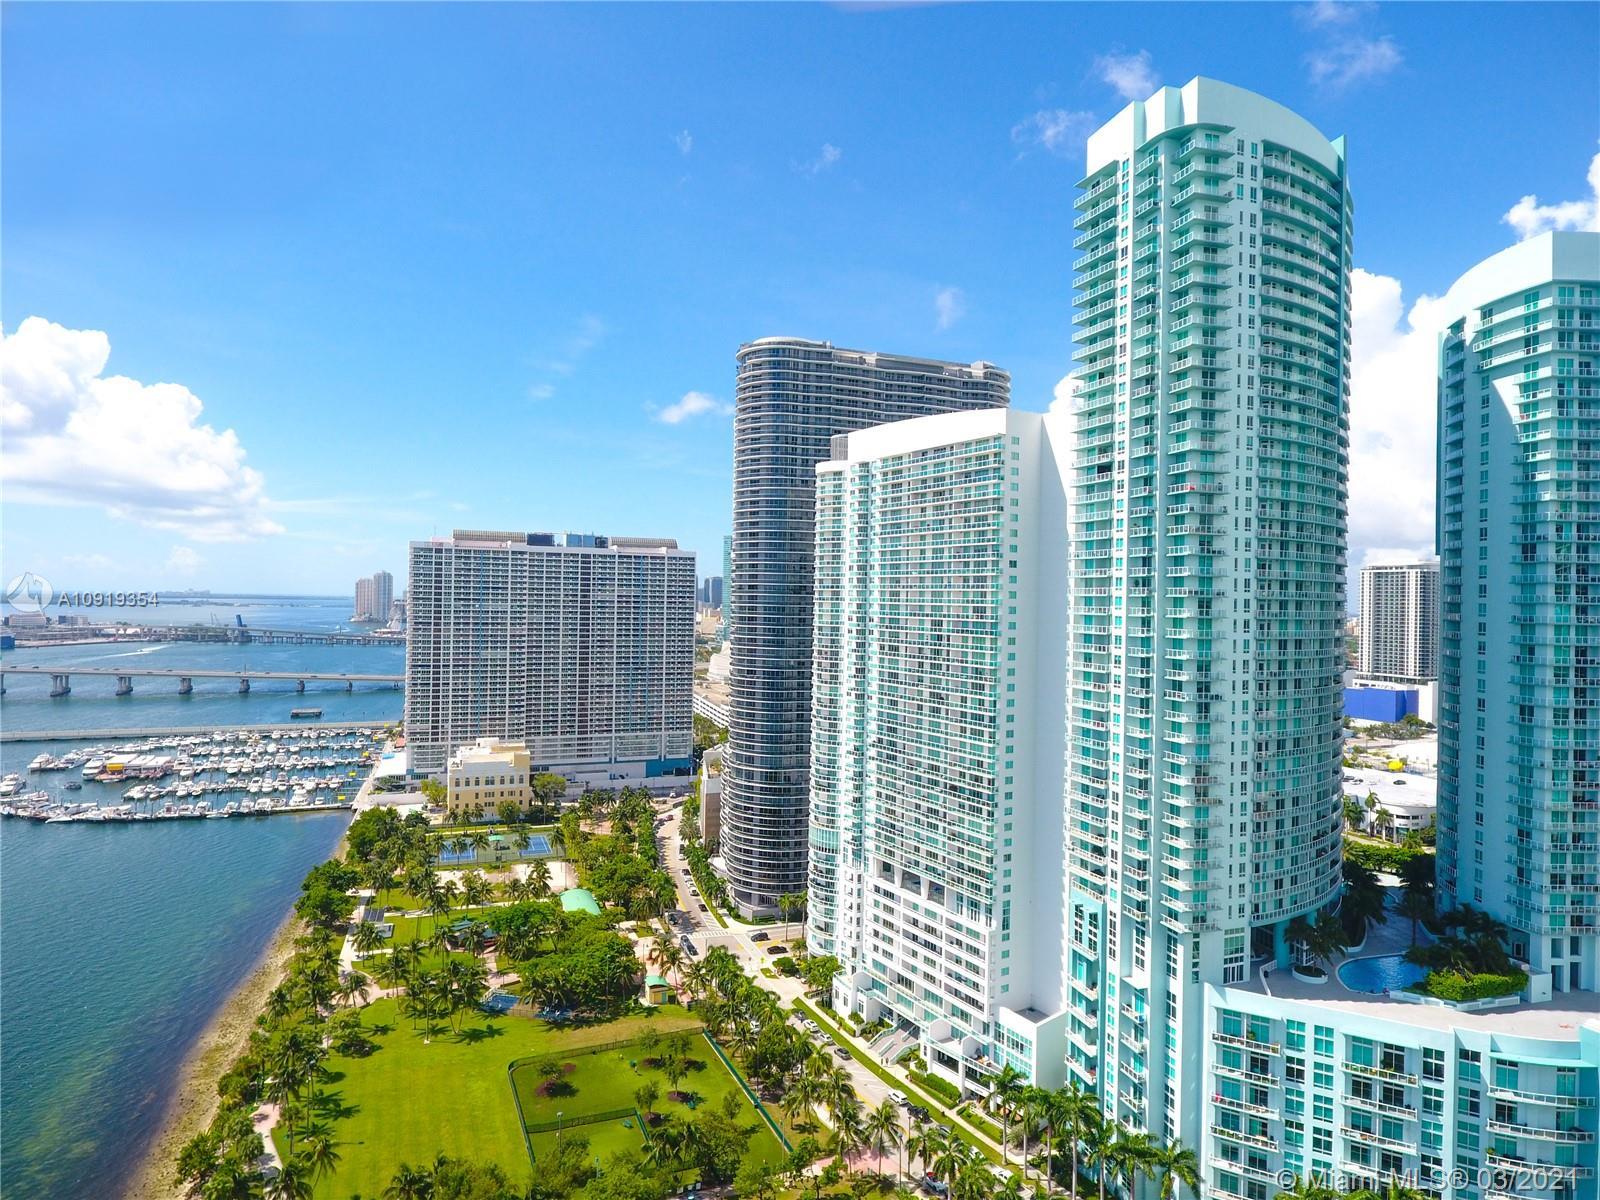 1800 Club #614 - 1800 N Bayshore Dr #614, Miami, FL 33132